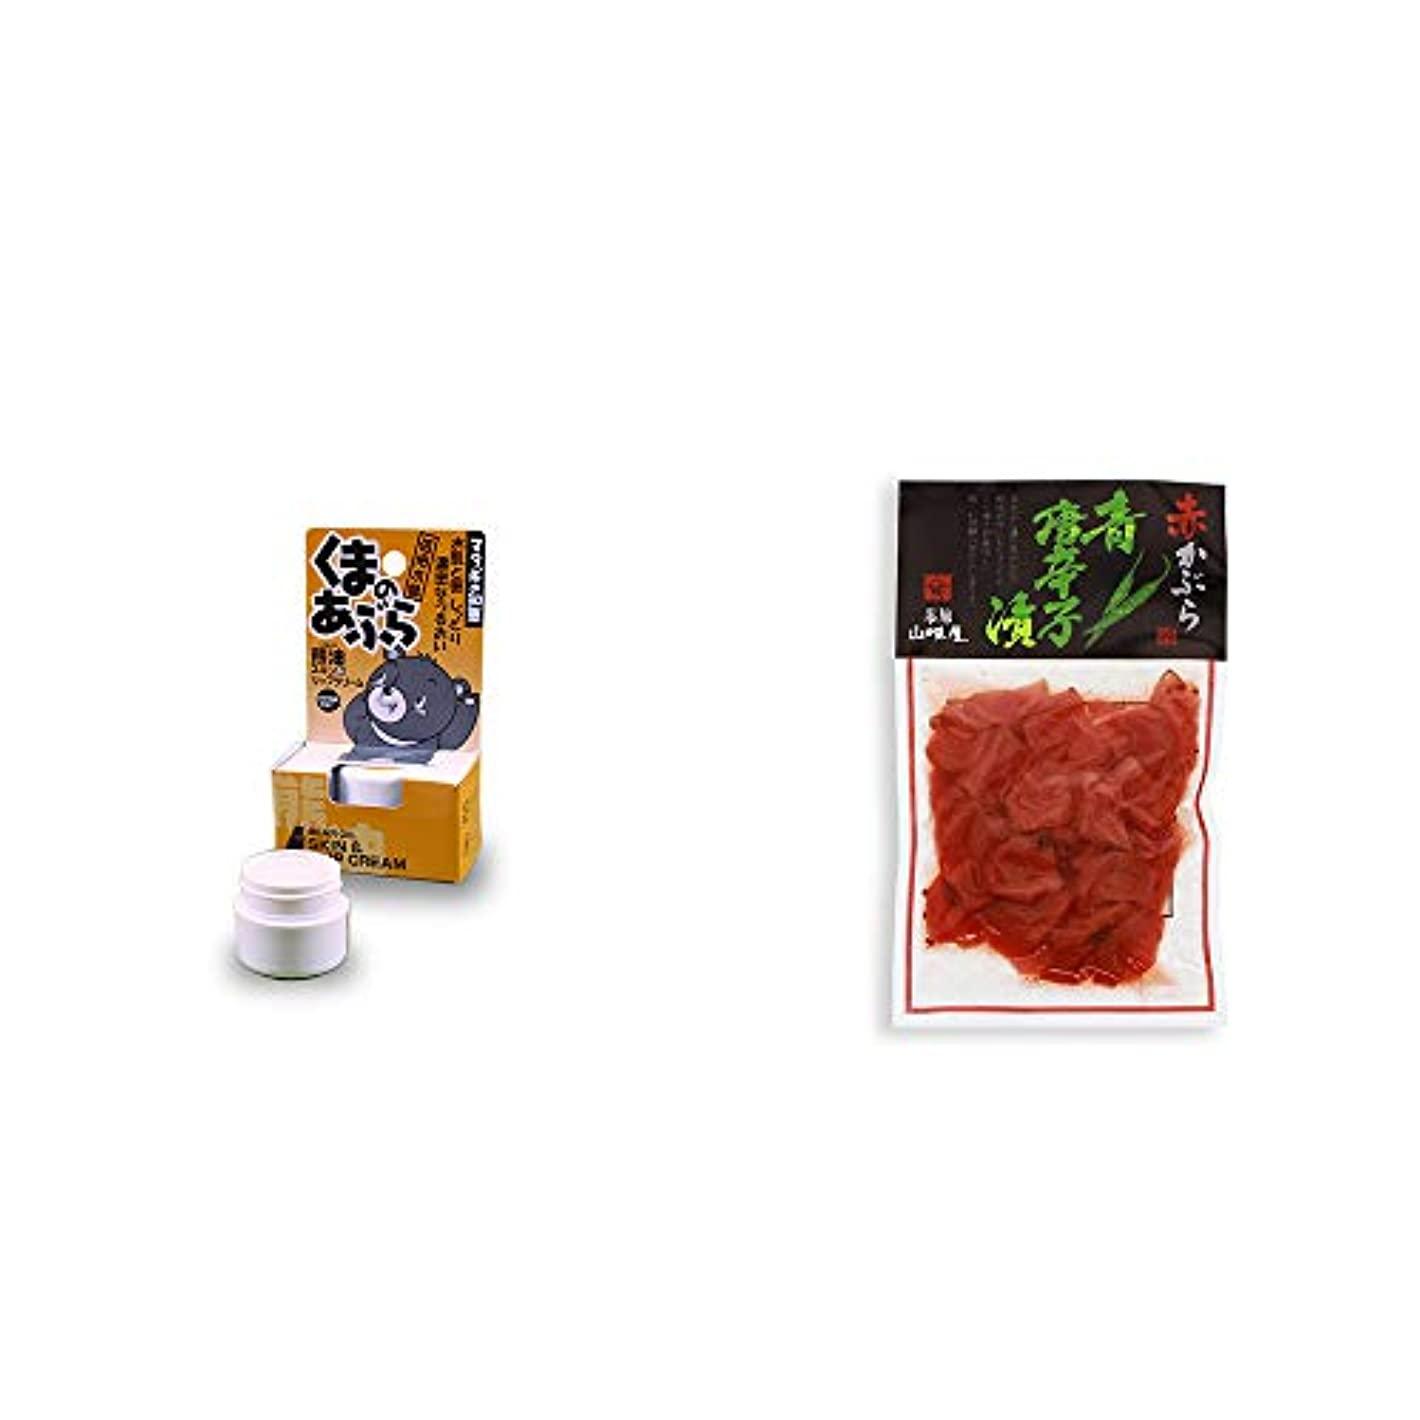 重要性ベギンかろうじて[2点セット] 信州木曽 くまのあぶら 熊油スキン&リップクリーム(9g)?飛騨山味屋 赤かぶら 青唐辛子漬(140g)